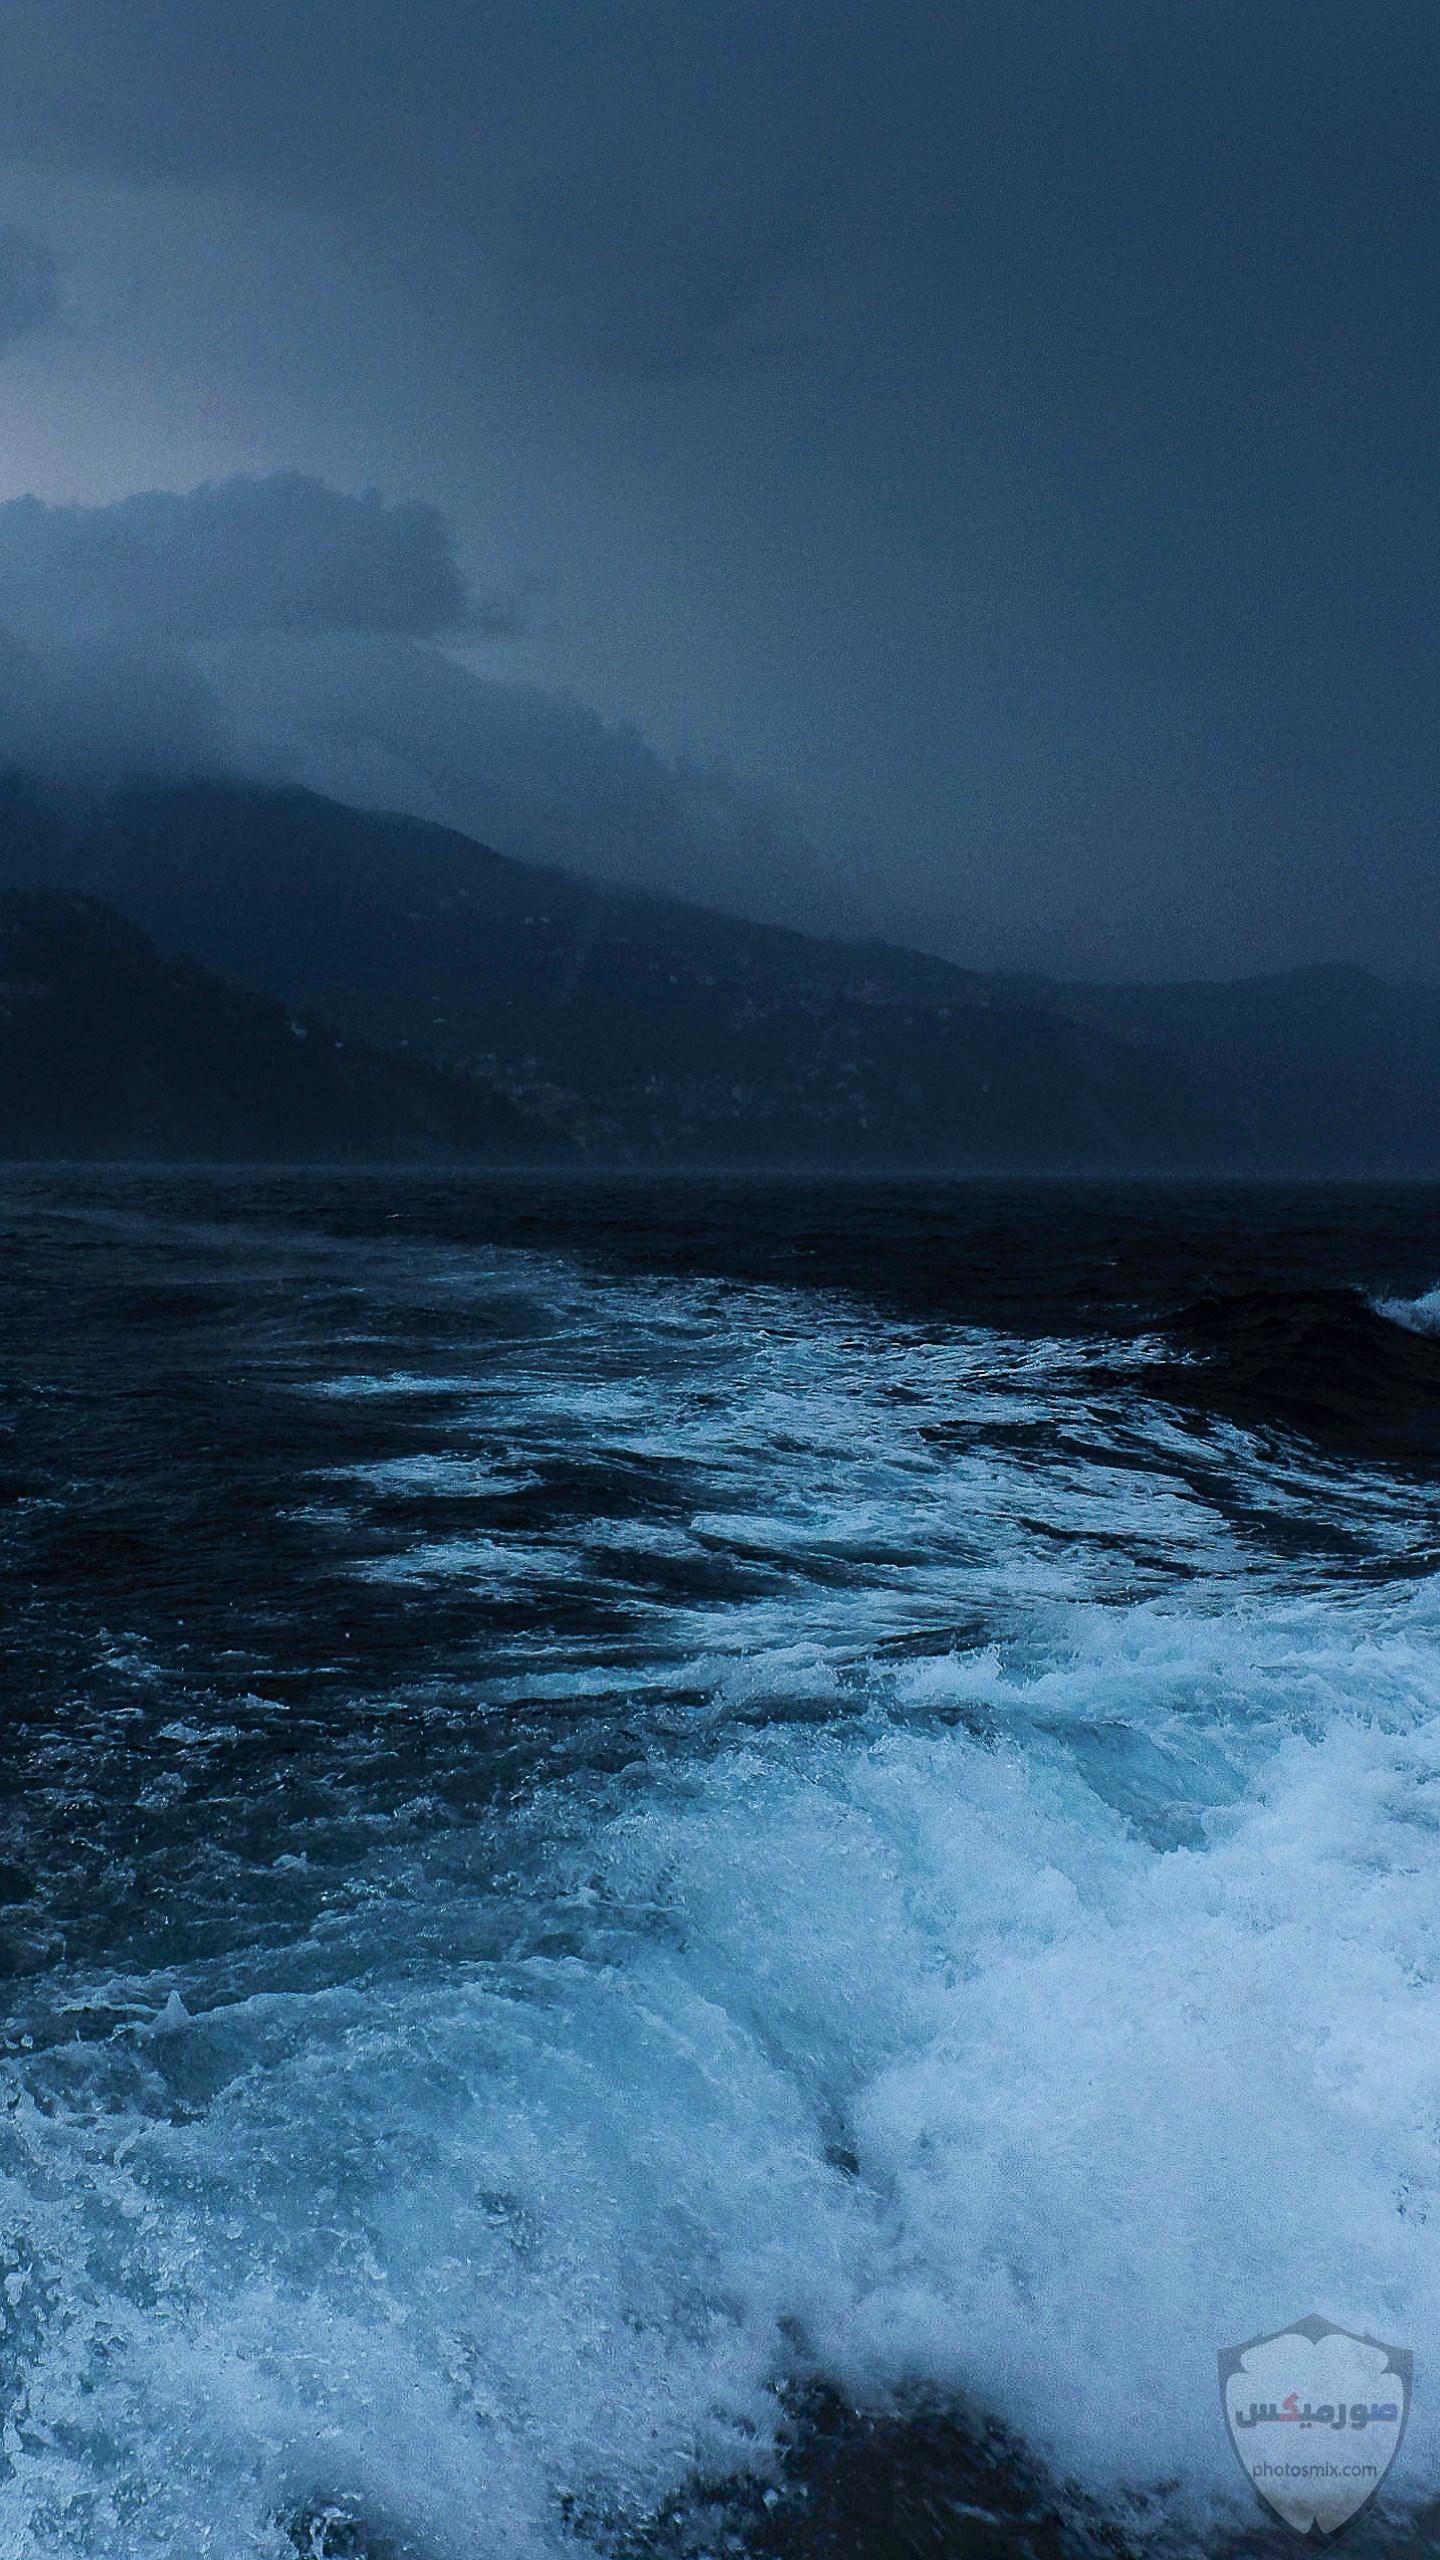 صور بحر وشاطئ صور وخلفيات بحور وشواطئ جميلة اجمل خلفيات بحار جودة عالية 23